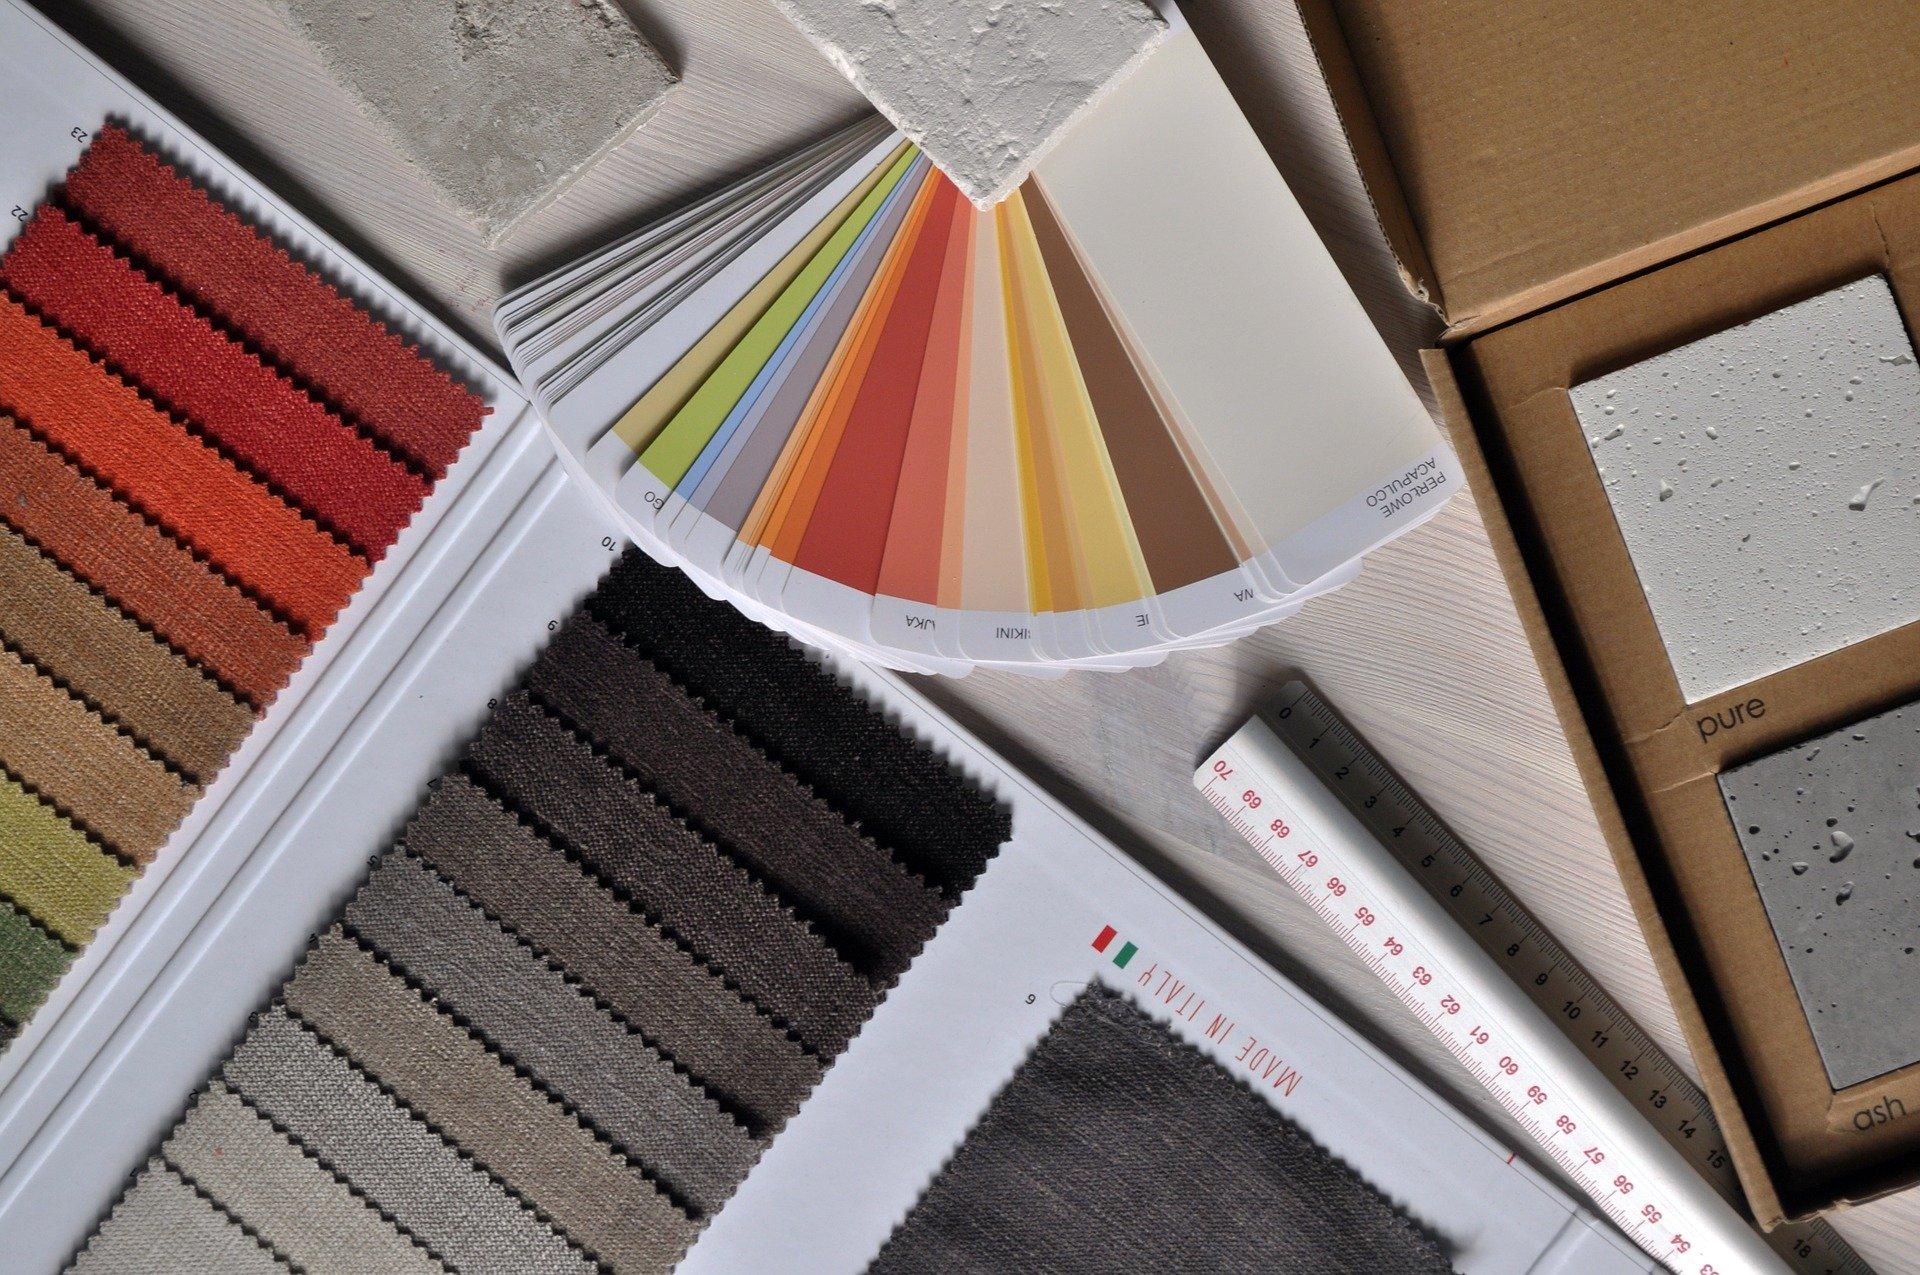 Campioni colorati di stoffa e pittura